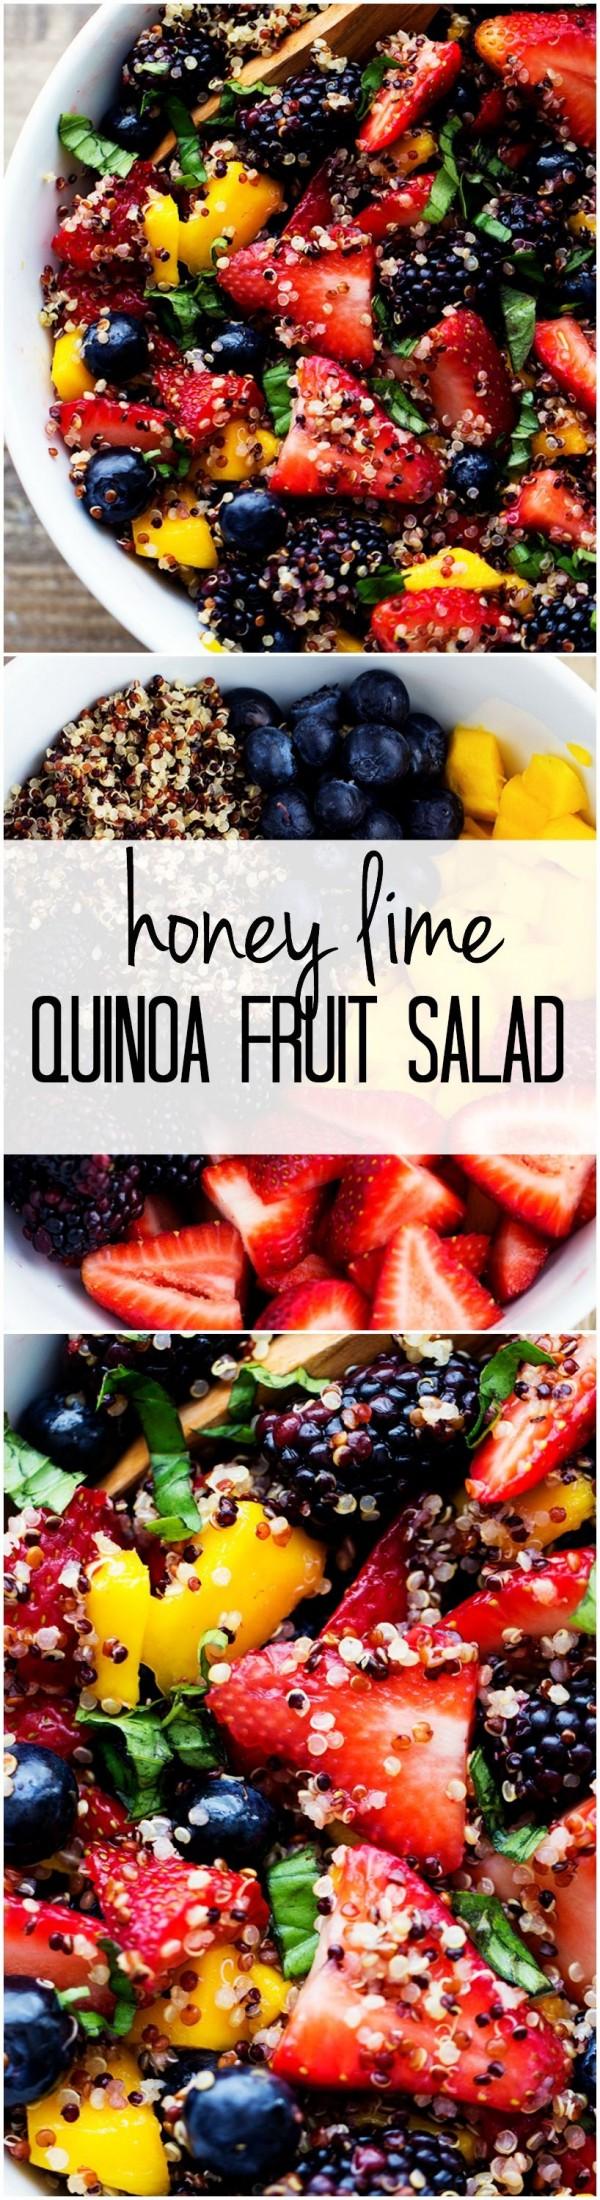 50 Best Healthy Salad Recipes Ever - Check out this recipe for a quinoa fruit salad. Yummy! #RecipeIdeas @recipes_to_go